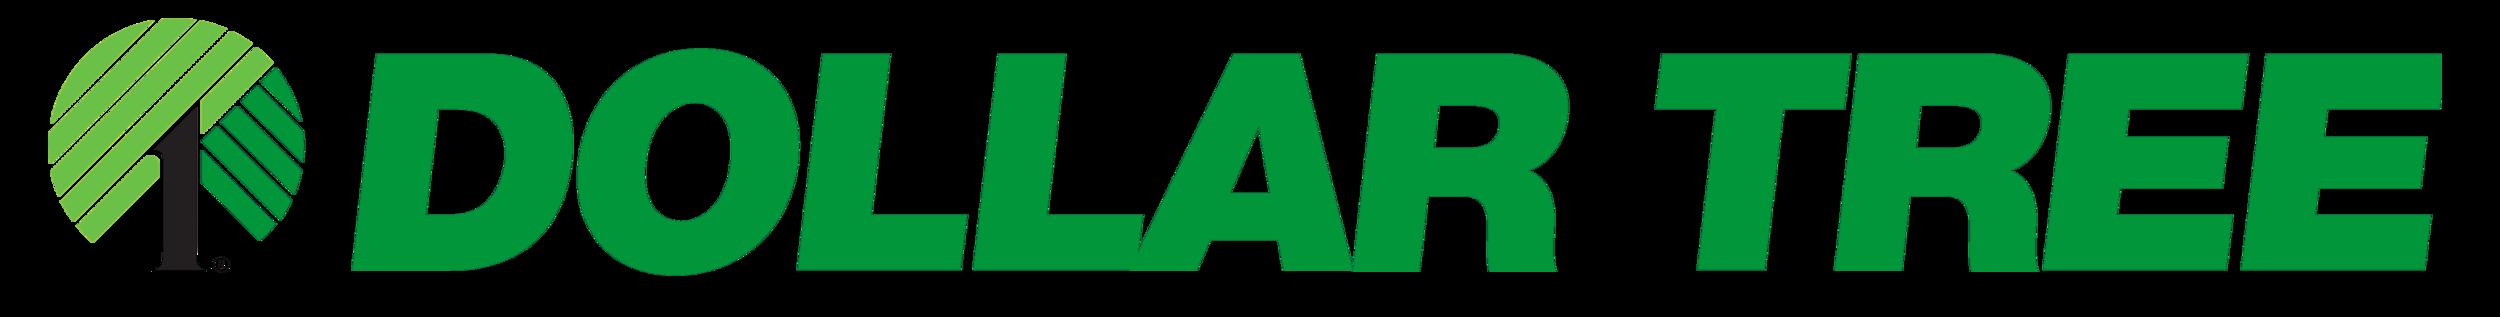 Dollar_Tree_logo.png